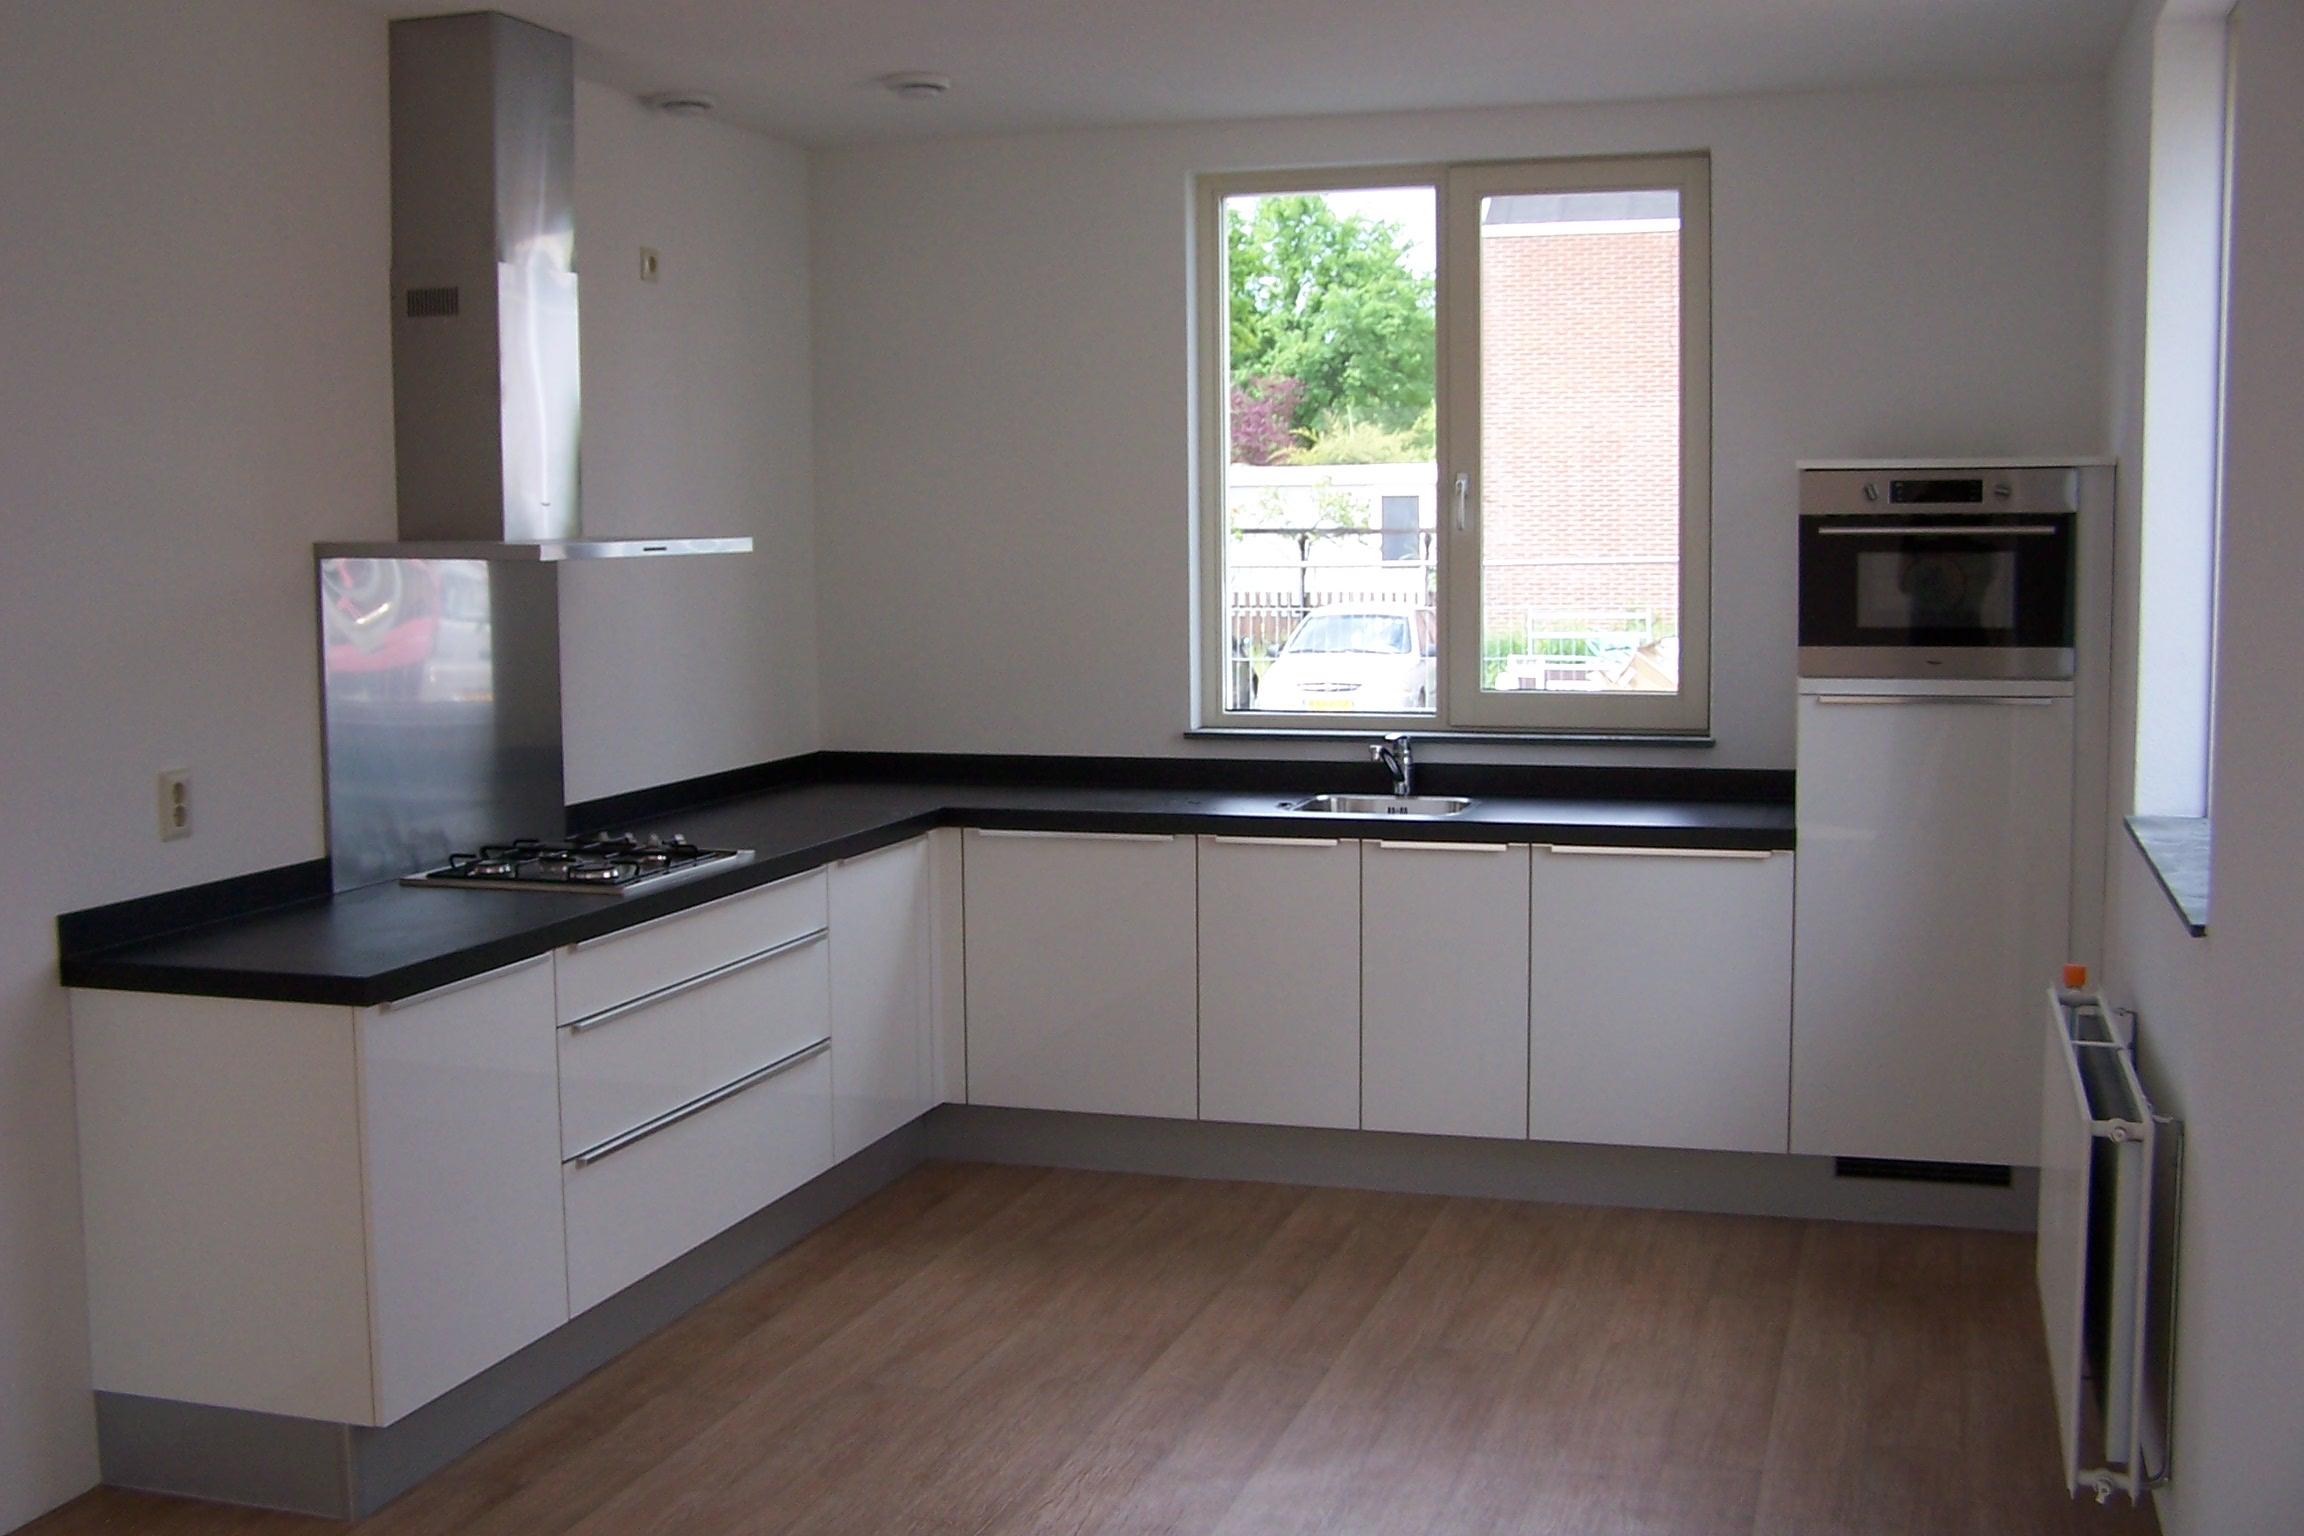 keuken modelwoning 1